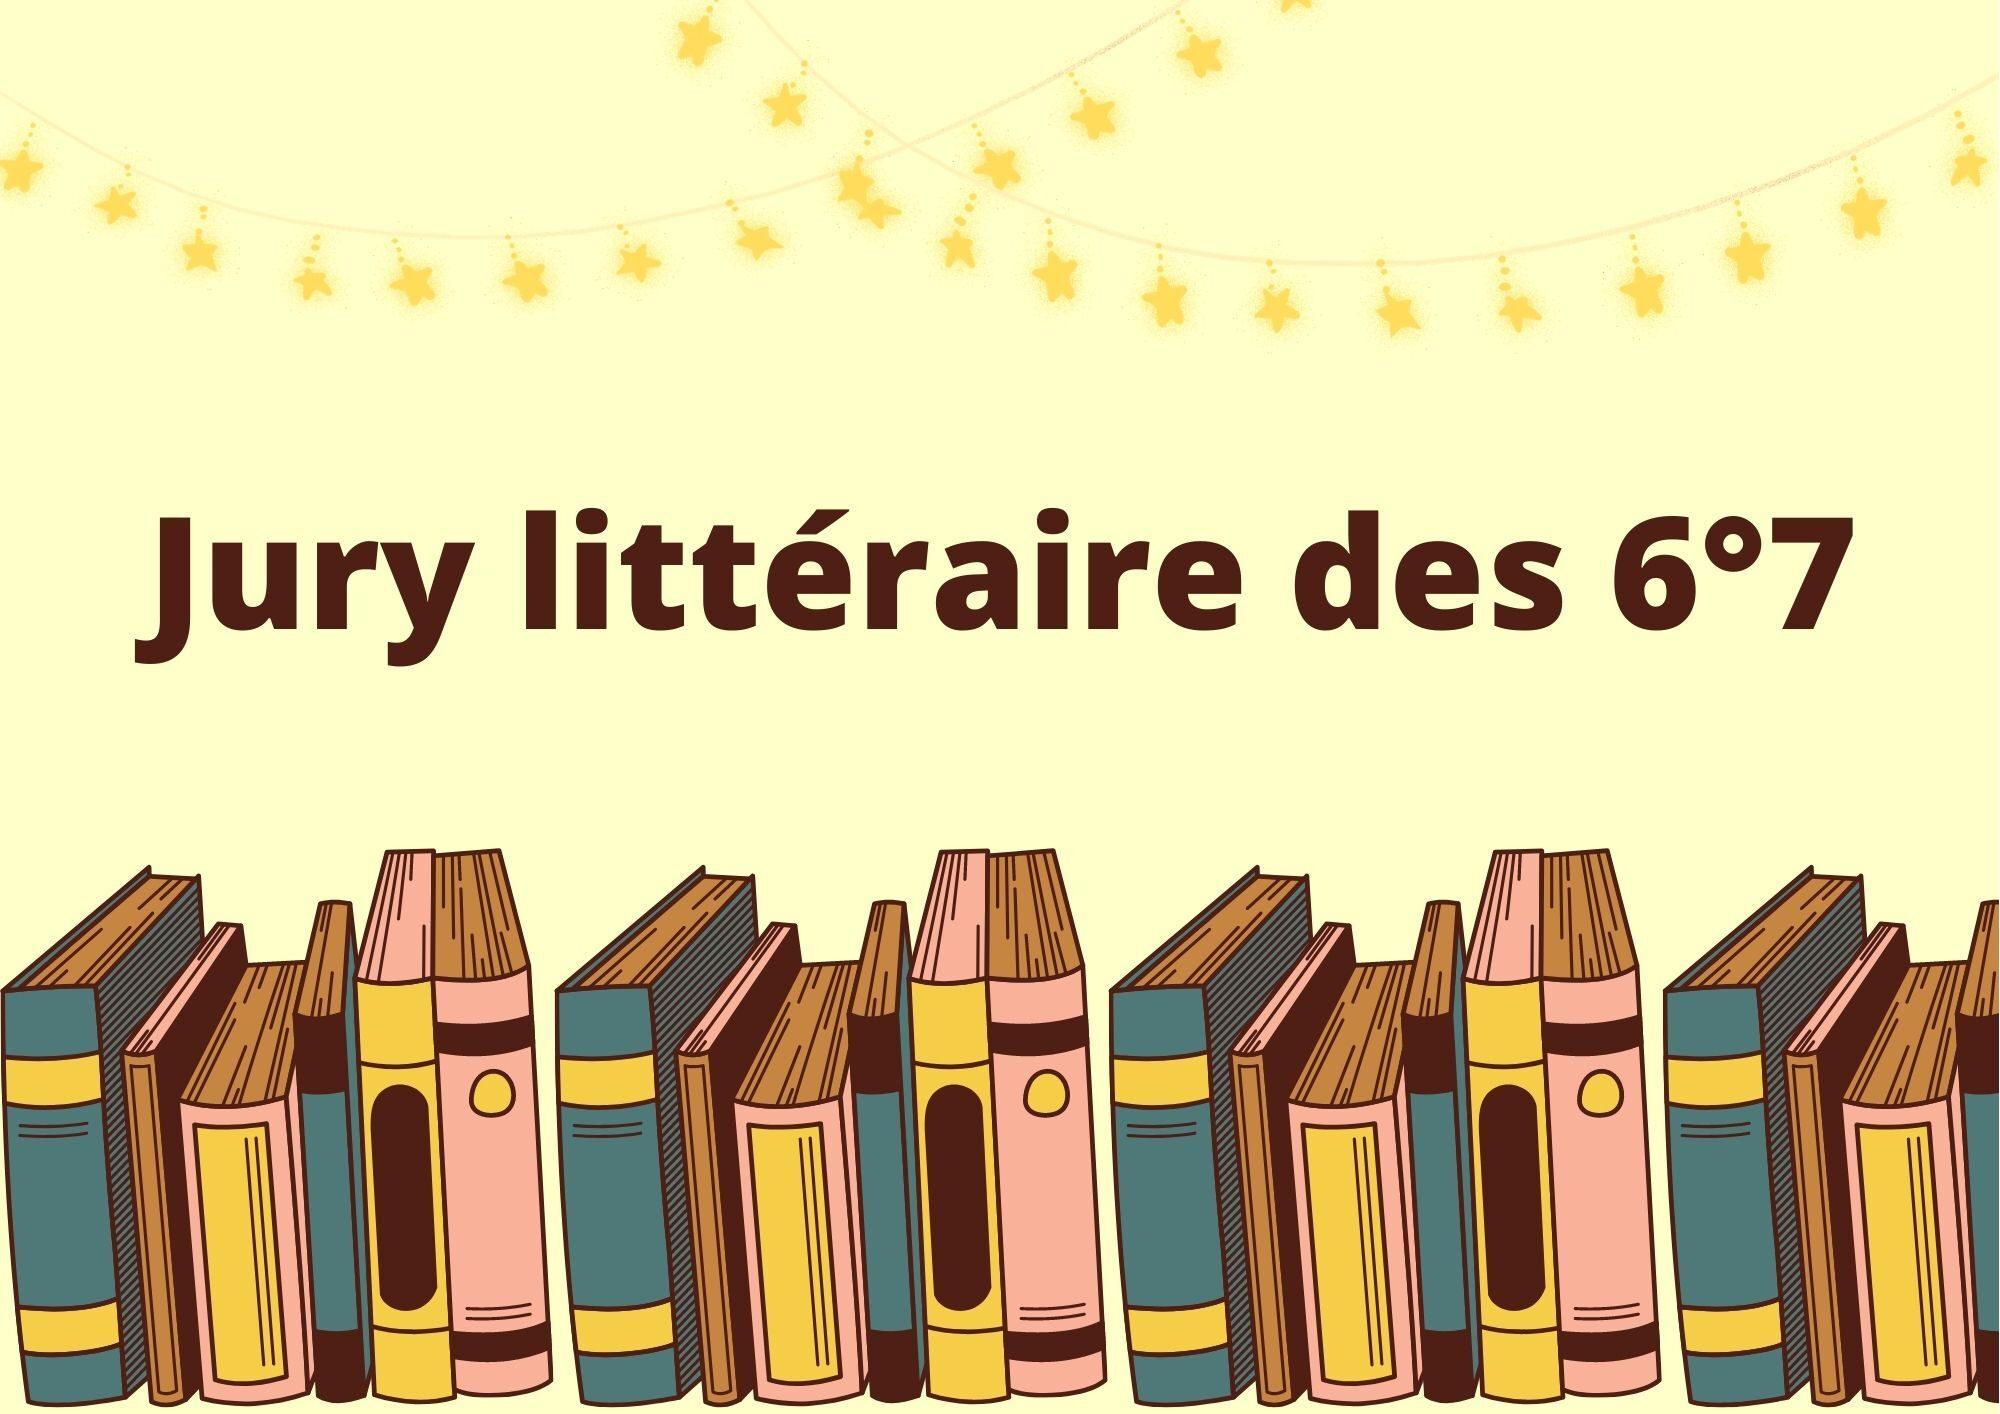 Jury littéraire des 6°7.jpg